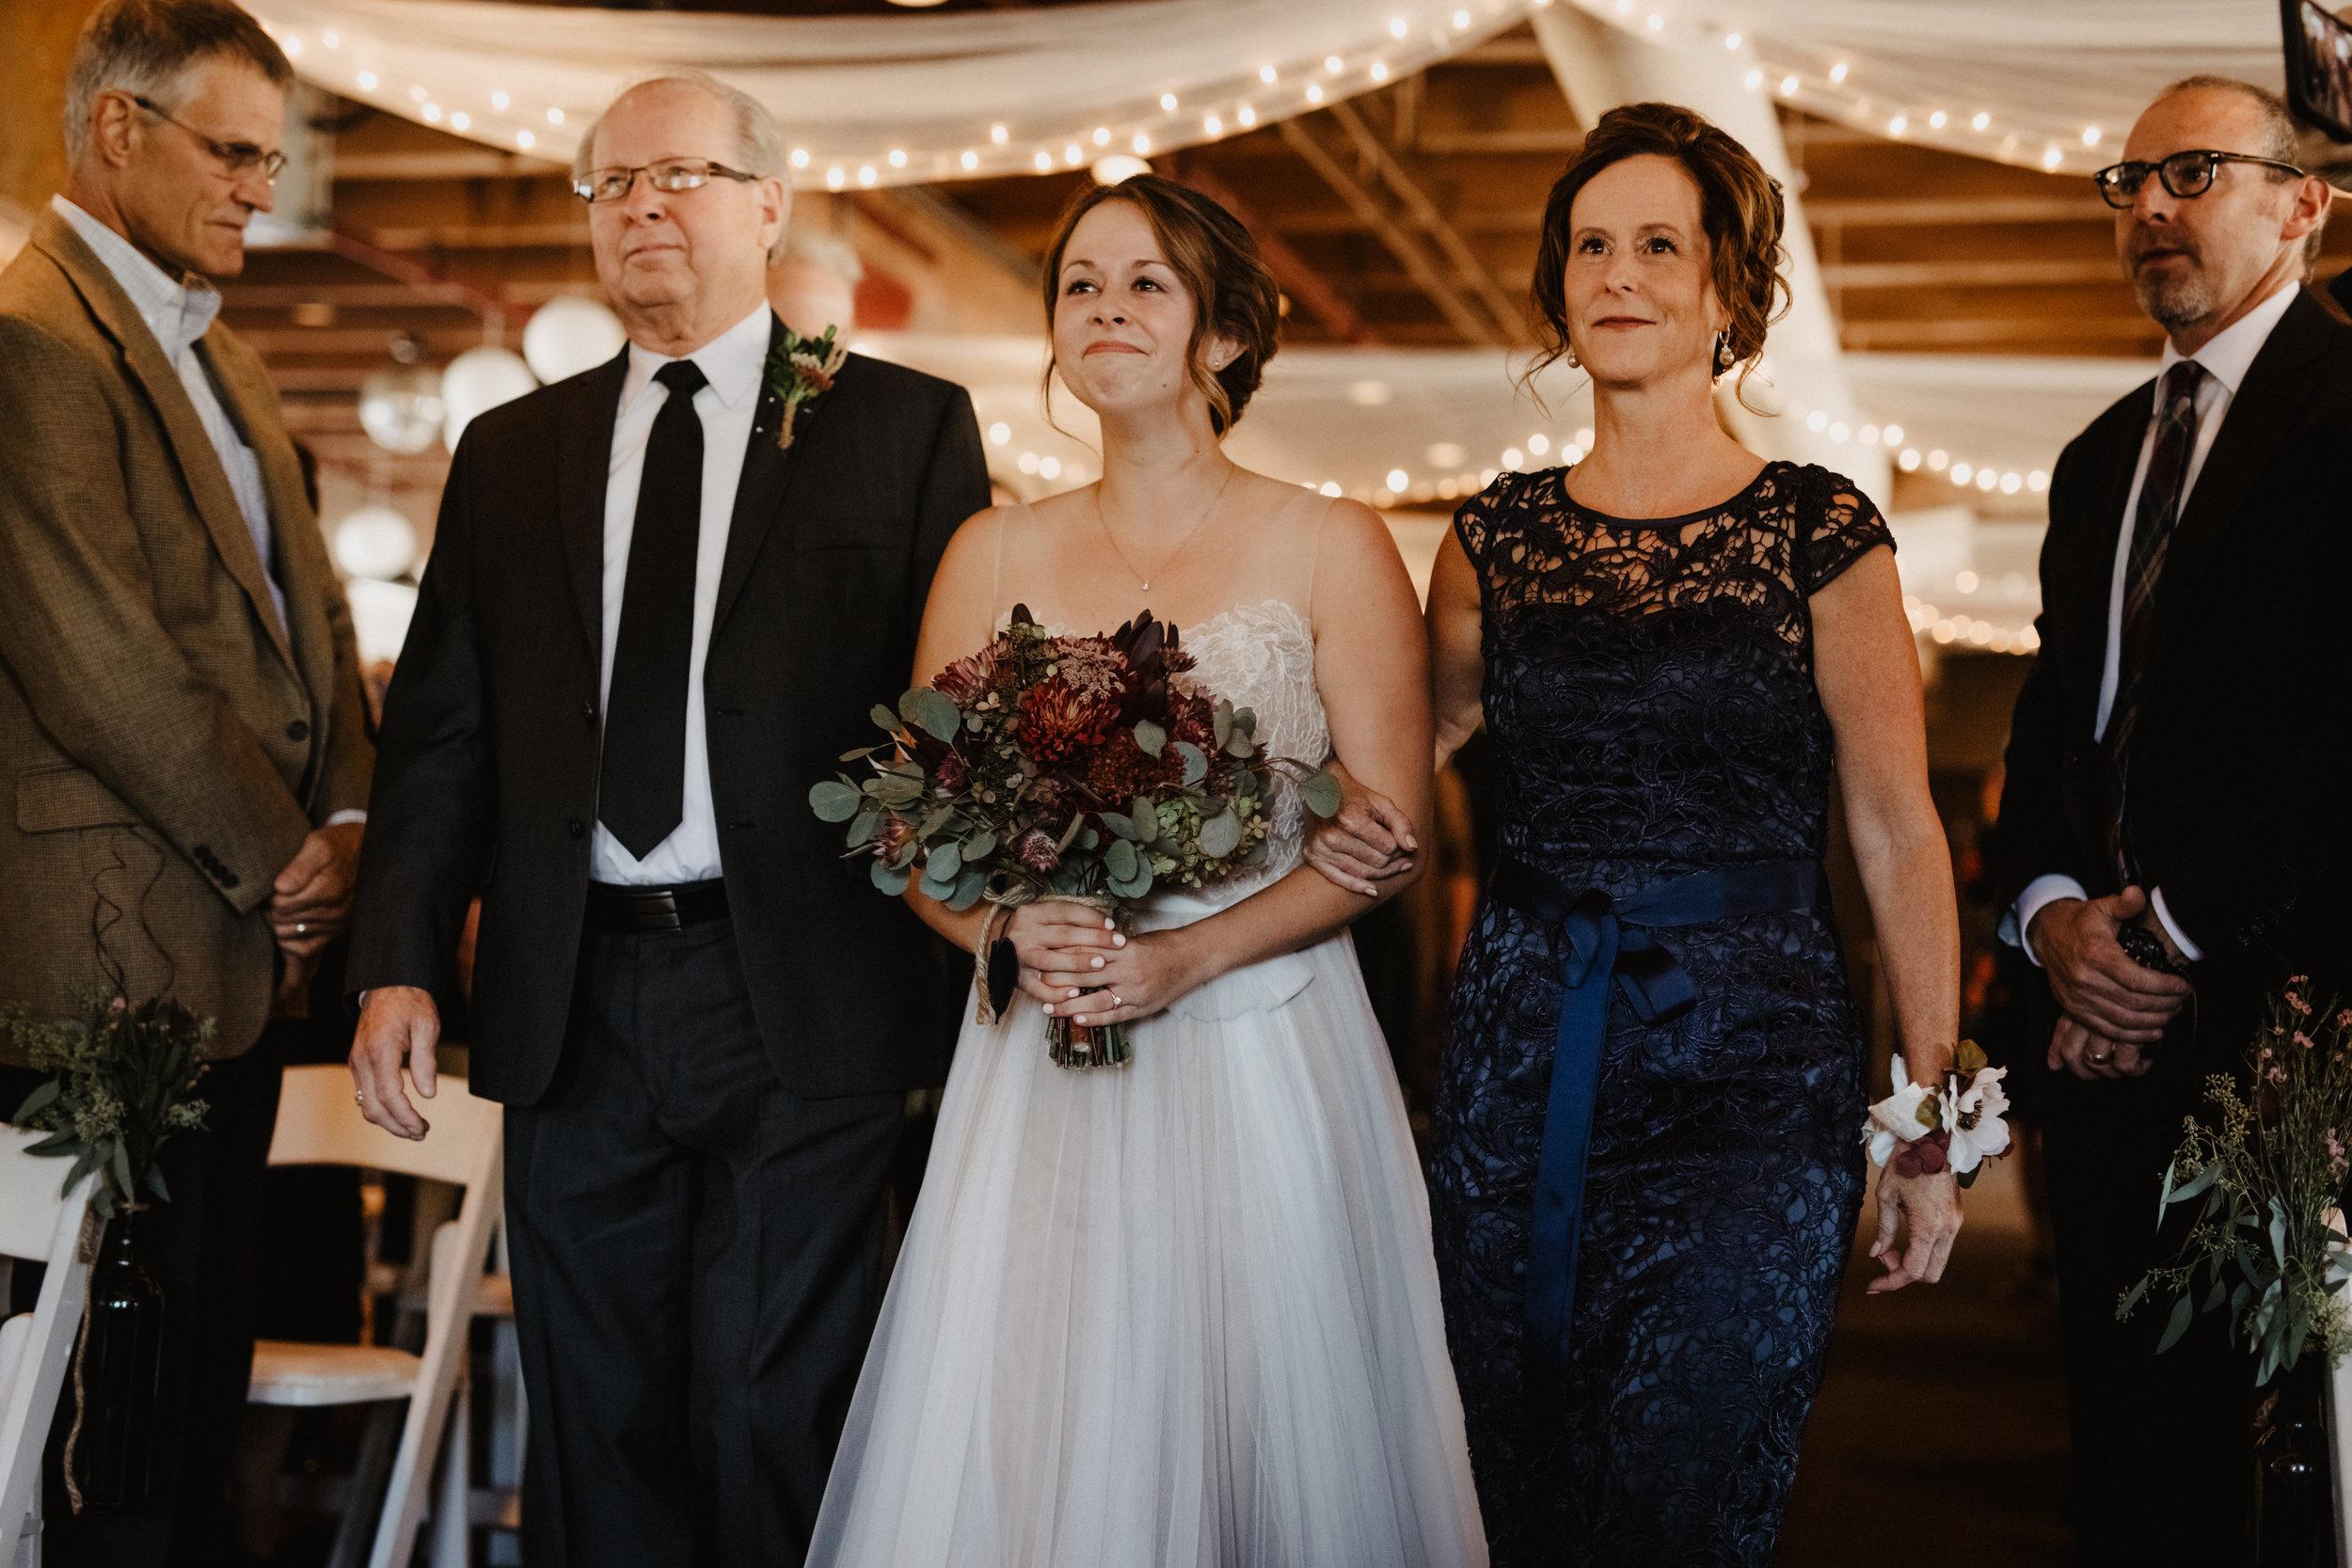 Emotional-Bride-Wedding-Day-03